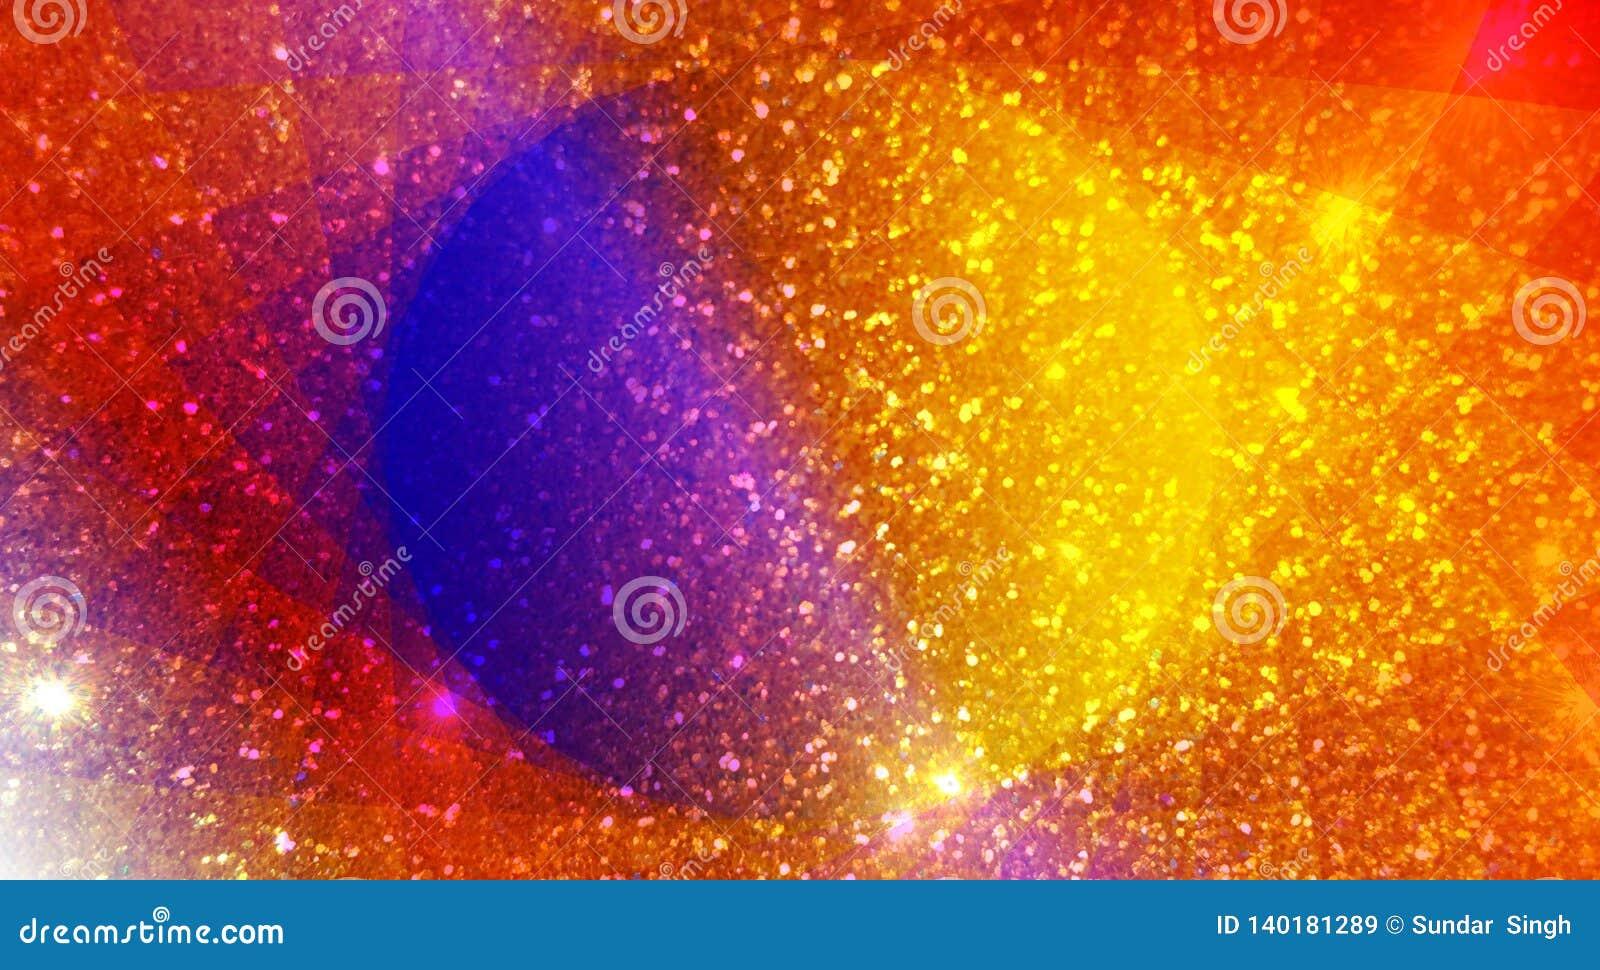 Яркий блеск текстурировал предпосылку предпосылки, ярких, сияющих и световых эффектов